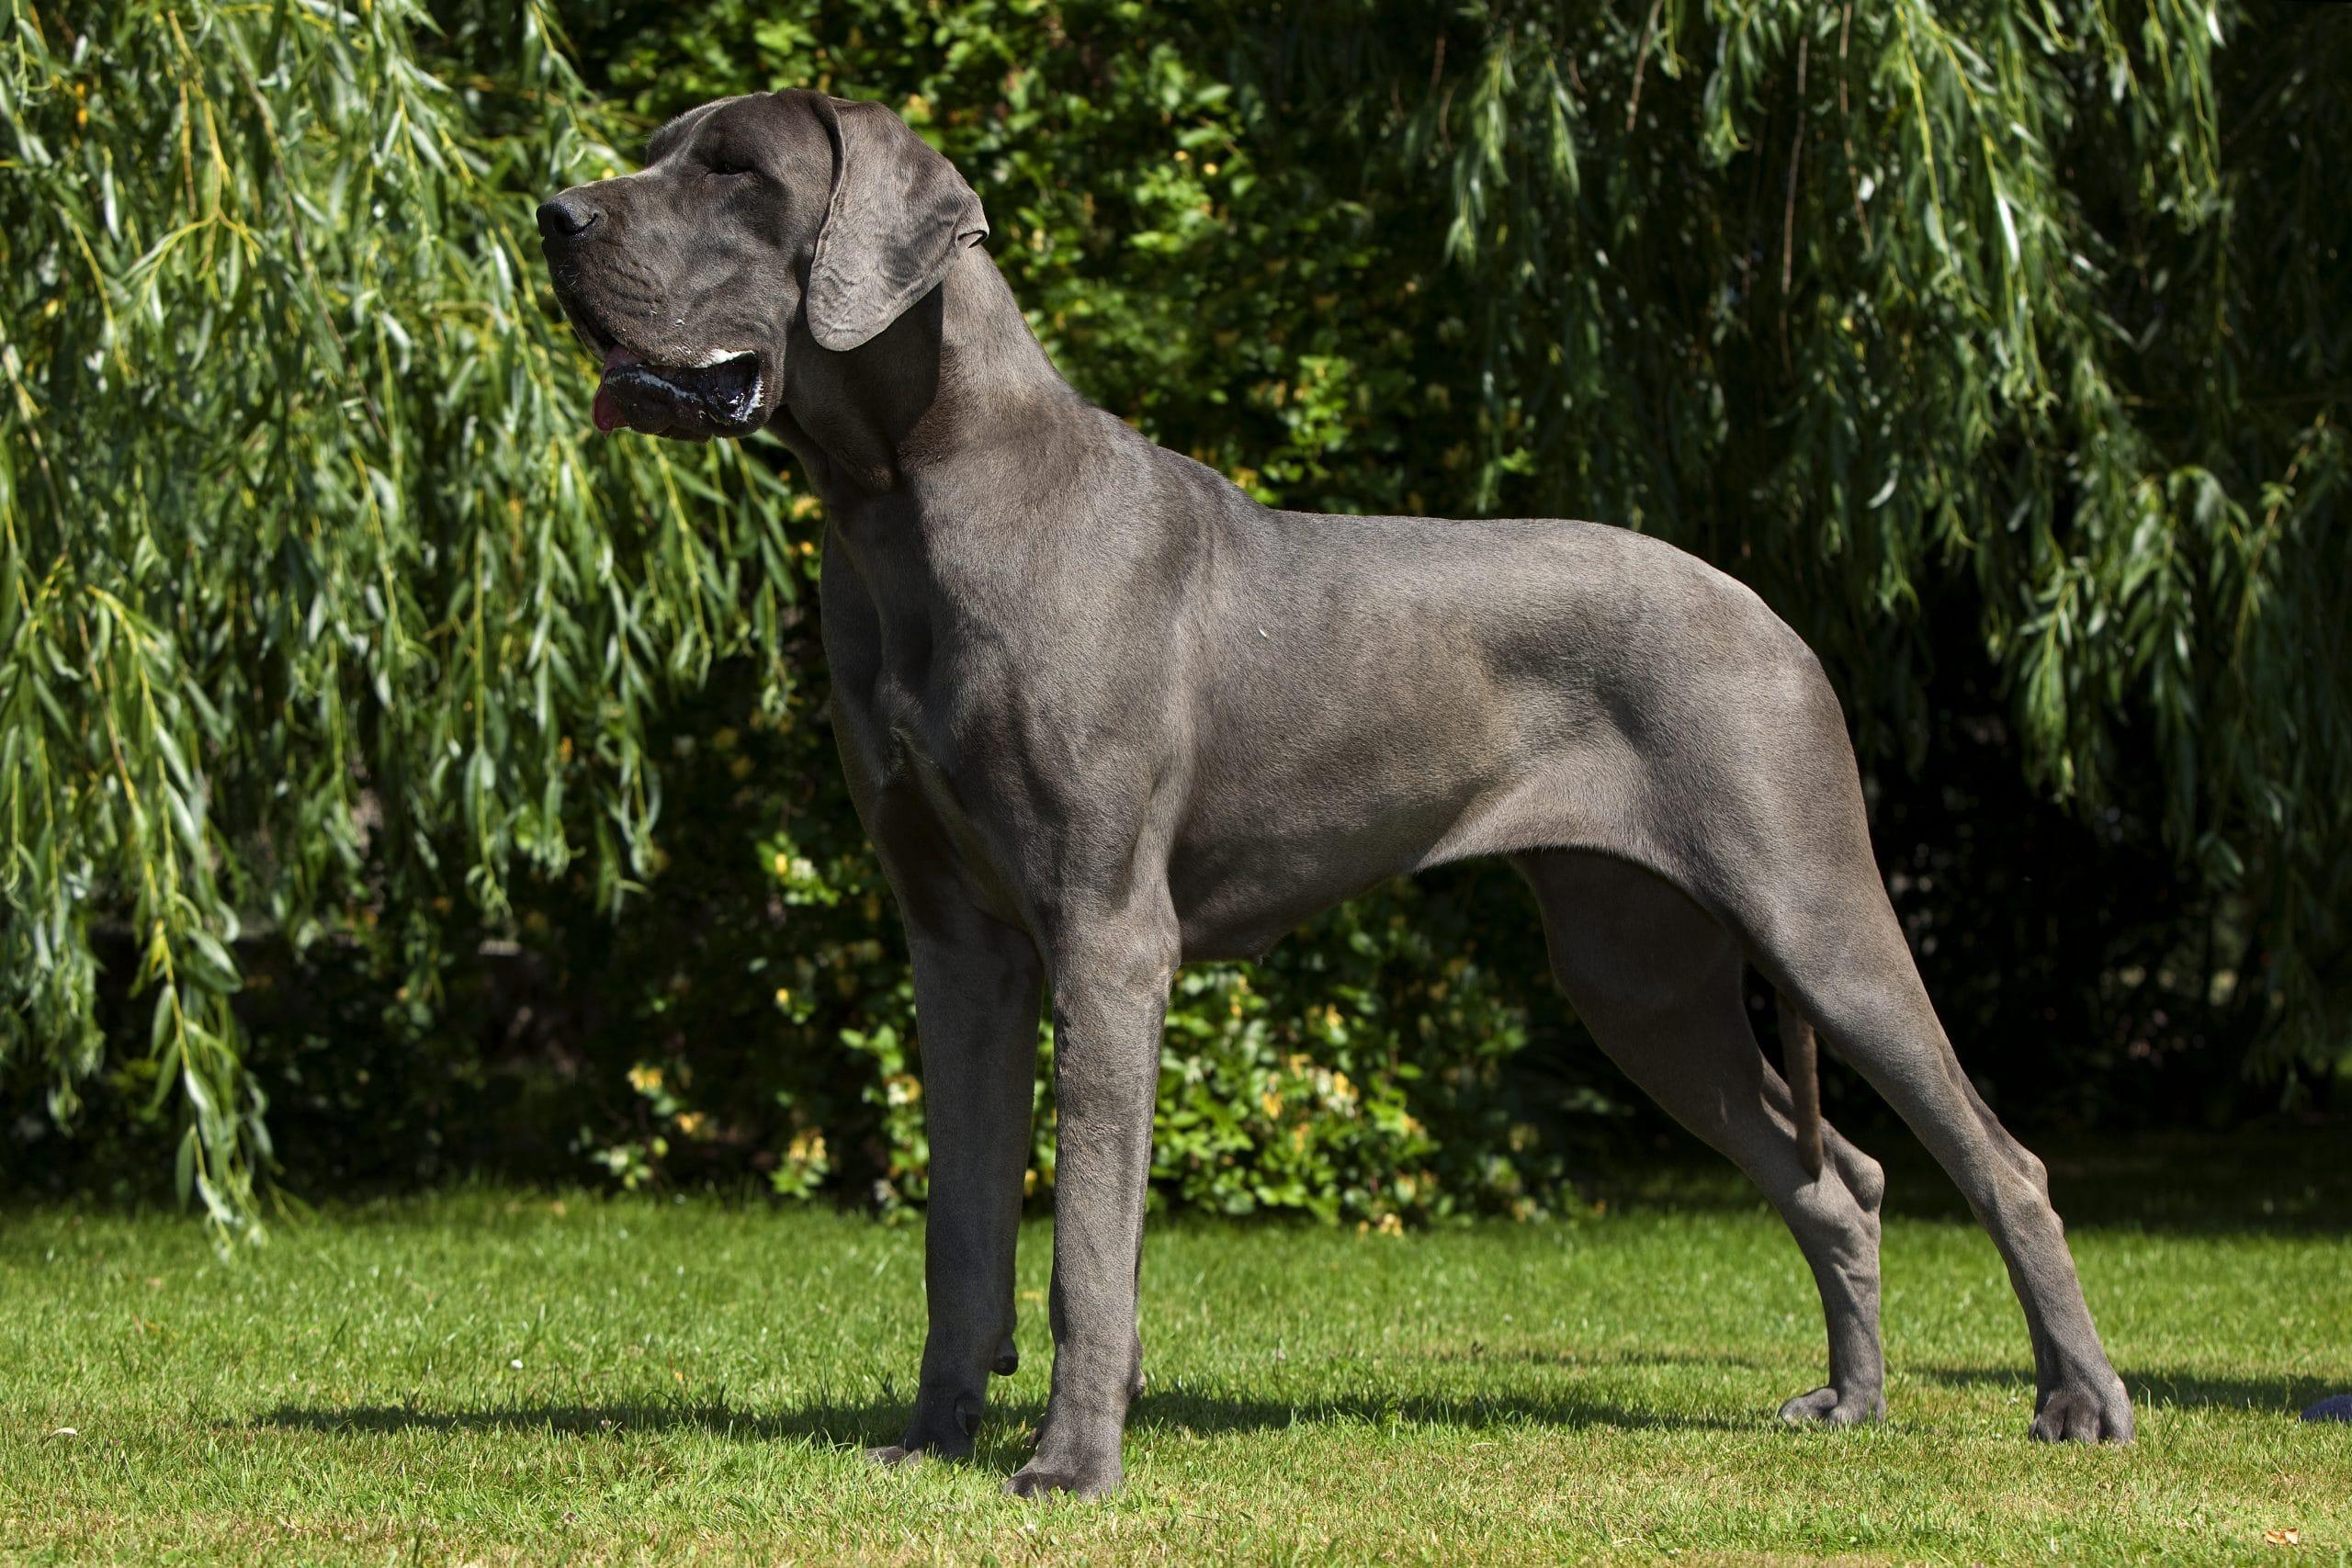 dog niemiecki dorosly